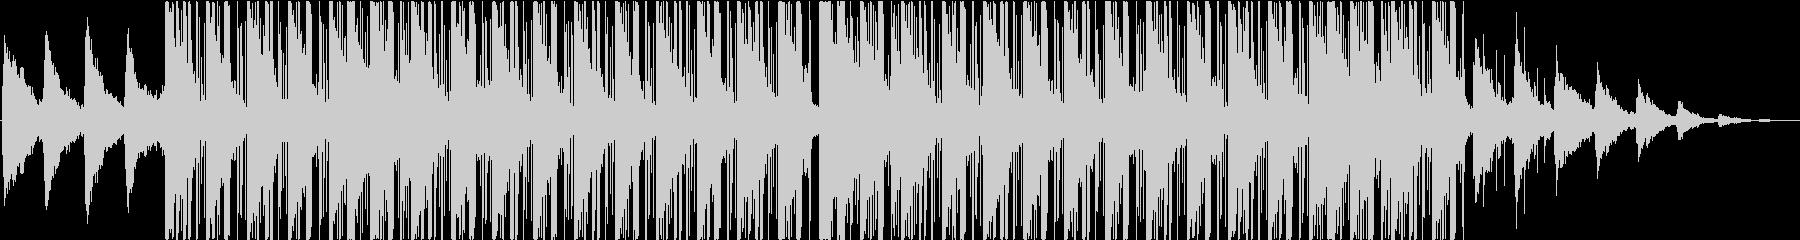 ラウンジ、ヒップホップ、チルアウトの未再生の波形